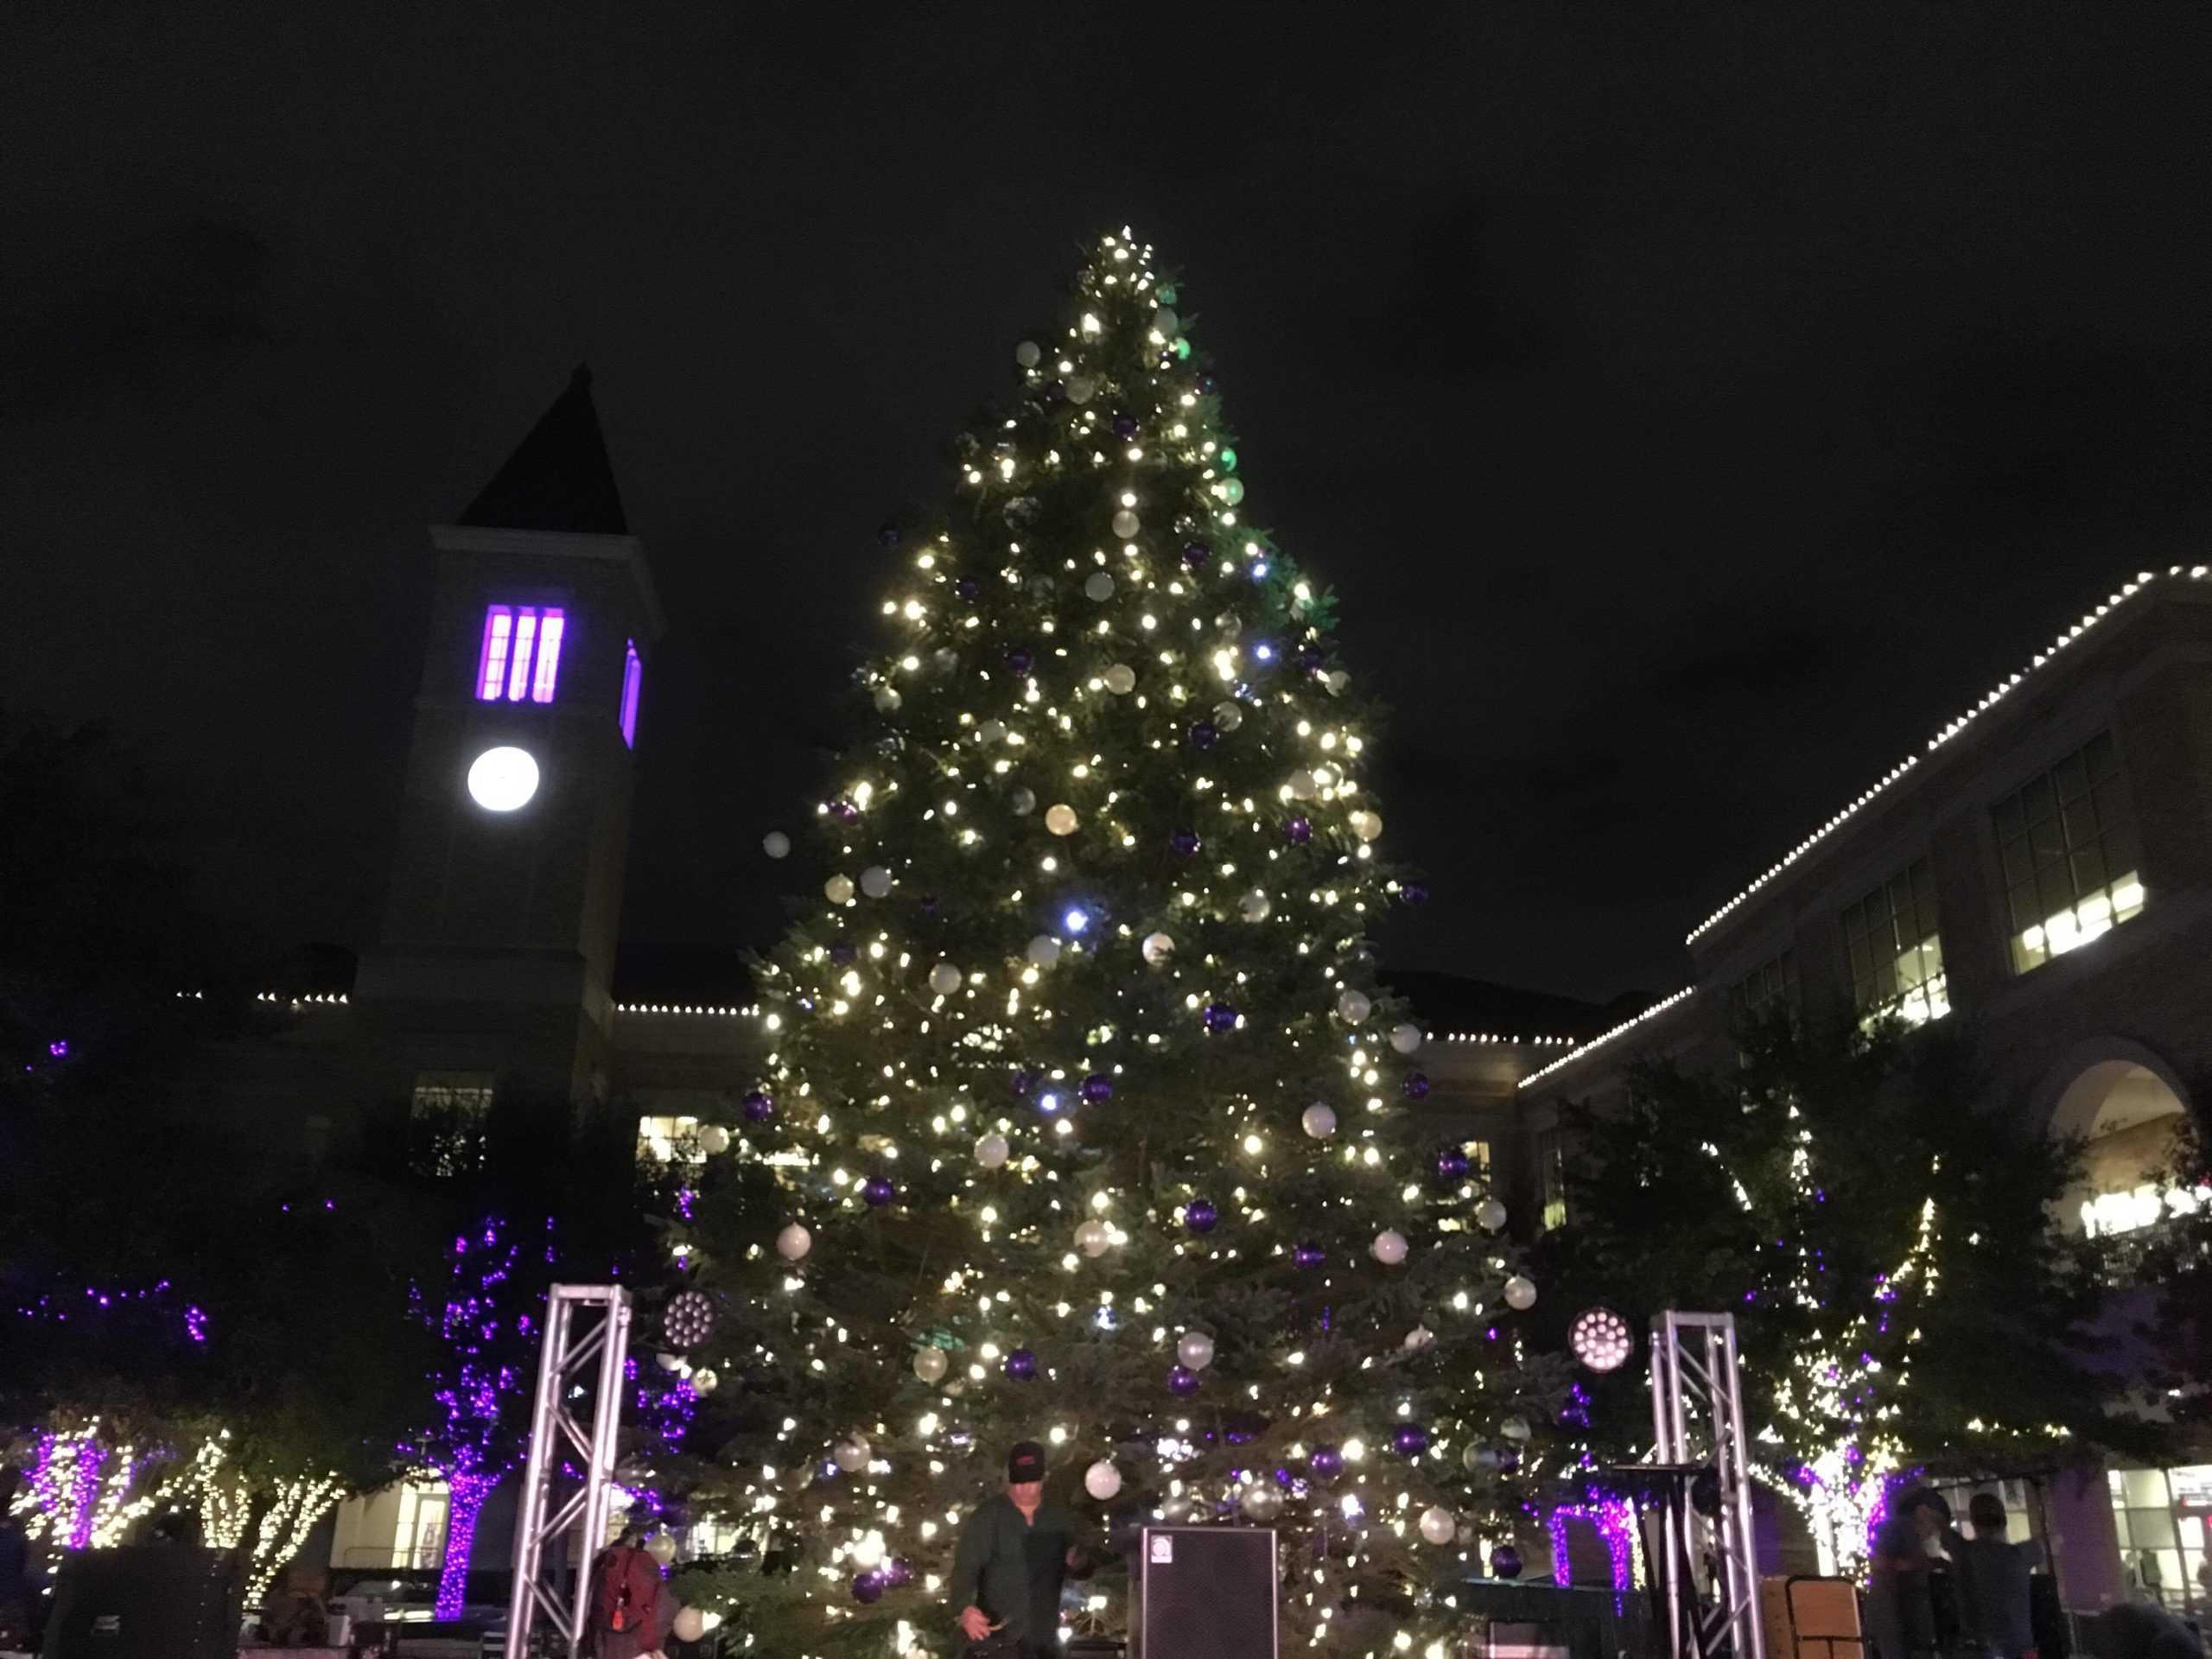 Tcu Christmas Tree Lighting 2019 Christmas tree lighting   TCU 360